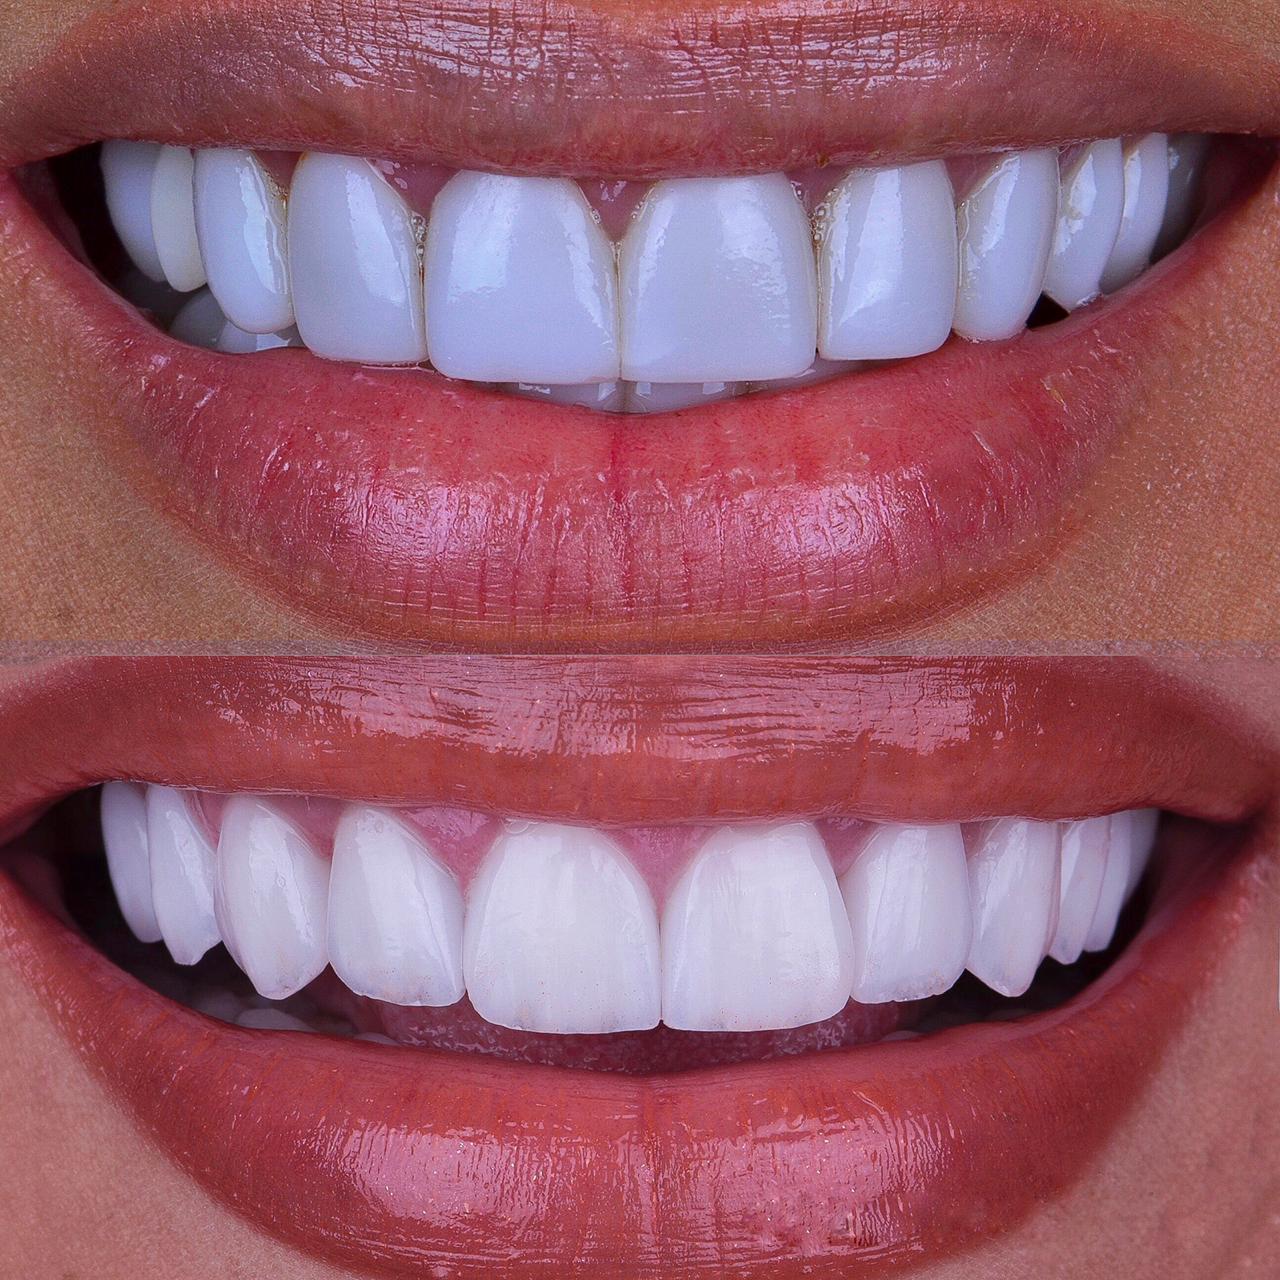 Sorriso de Simaria com facetas antigas brancas (acima) e atual, com transparência